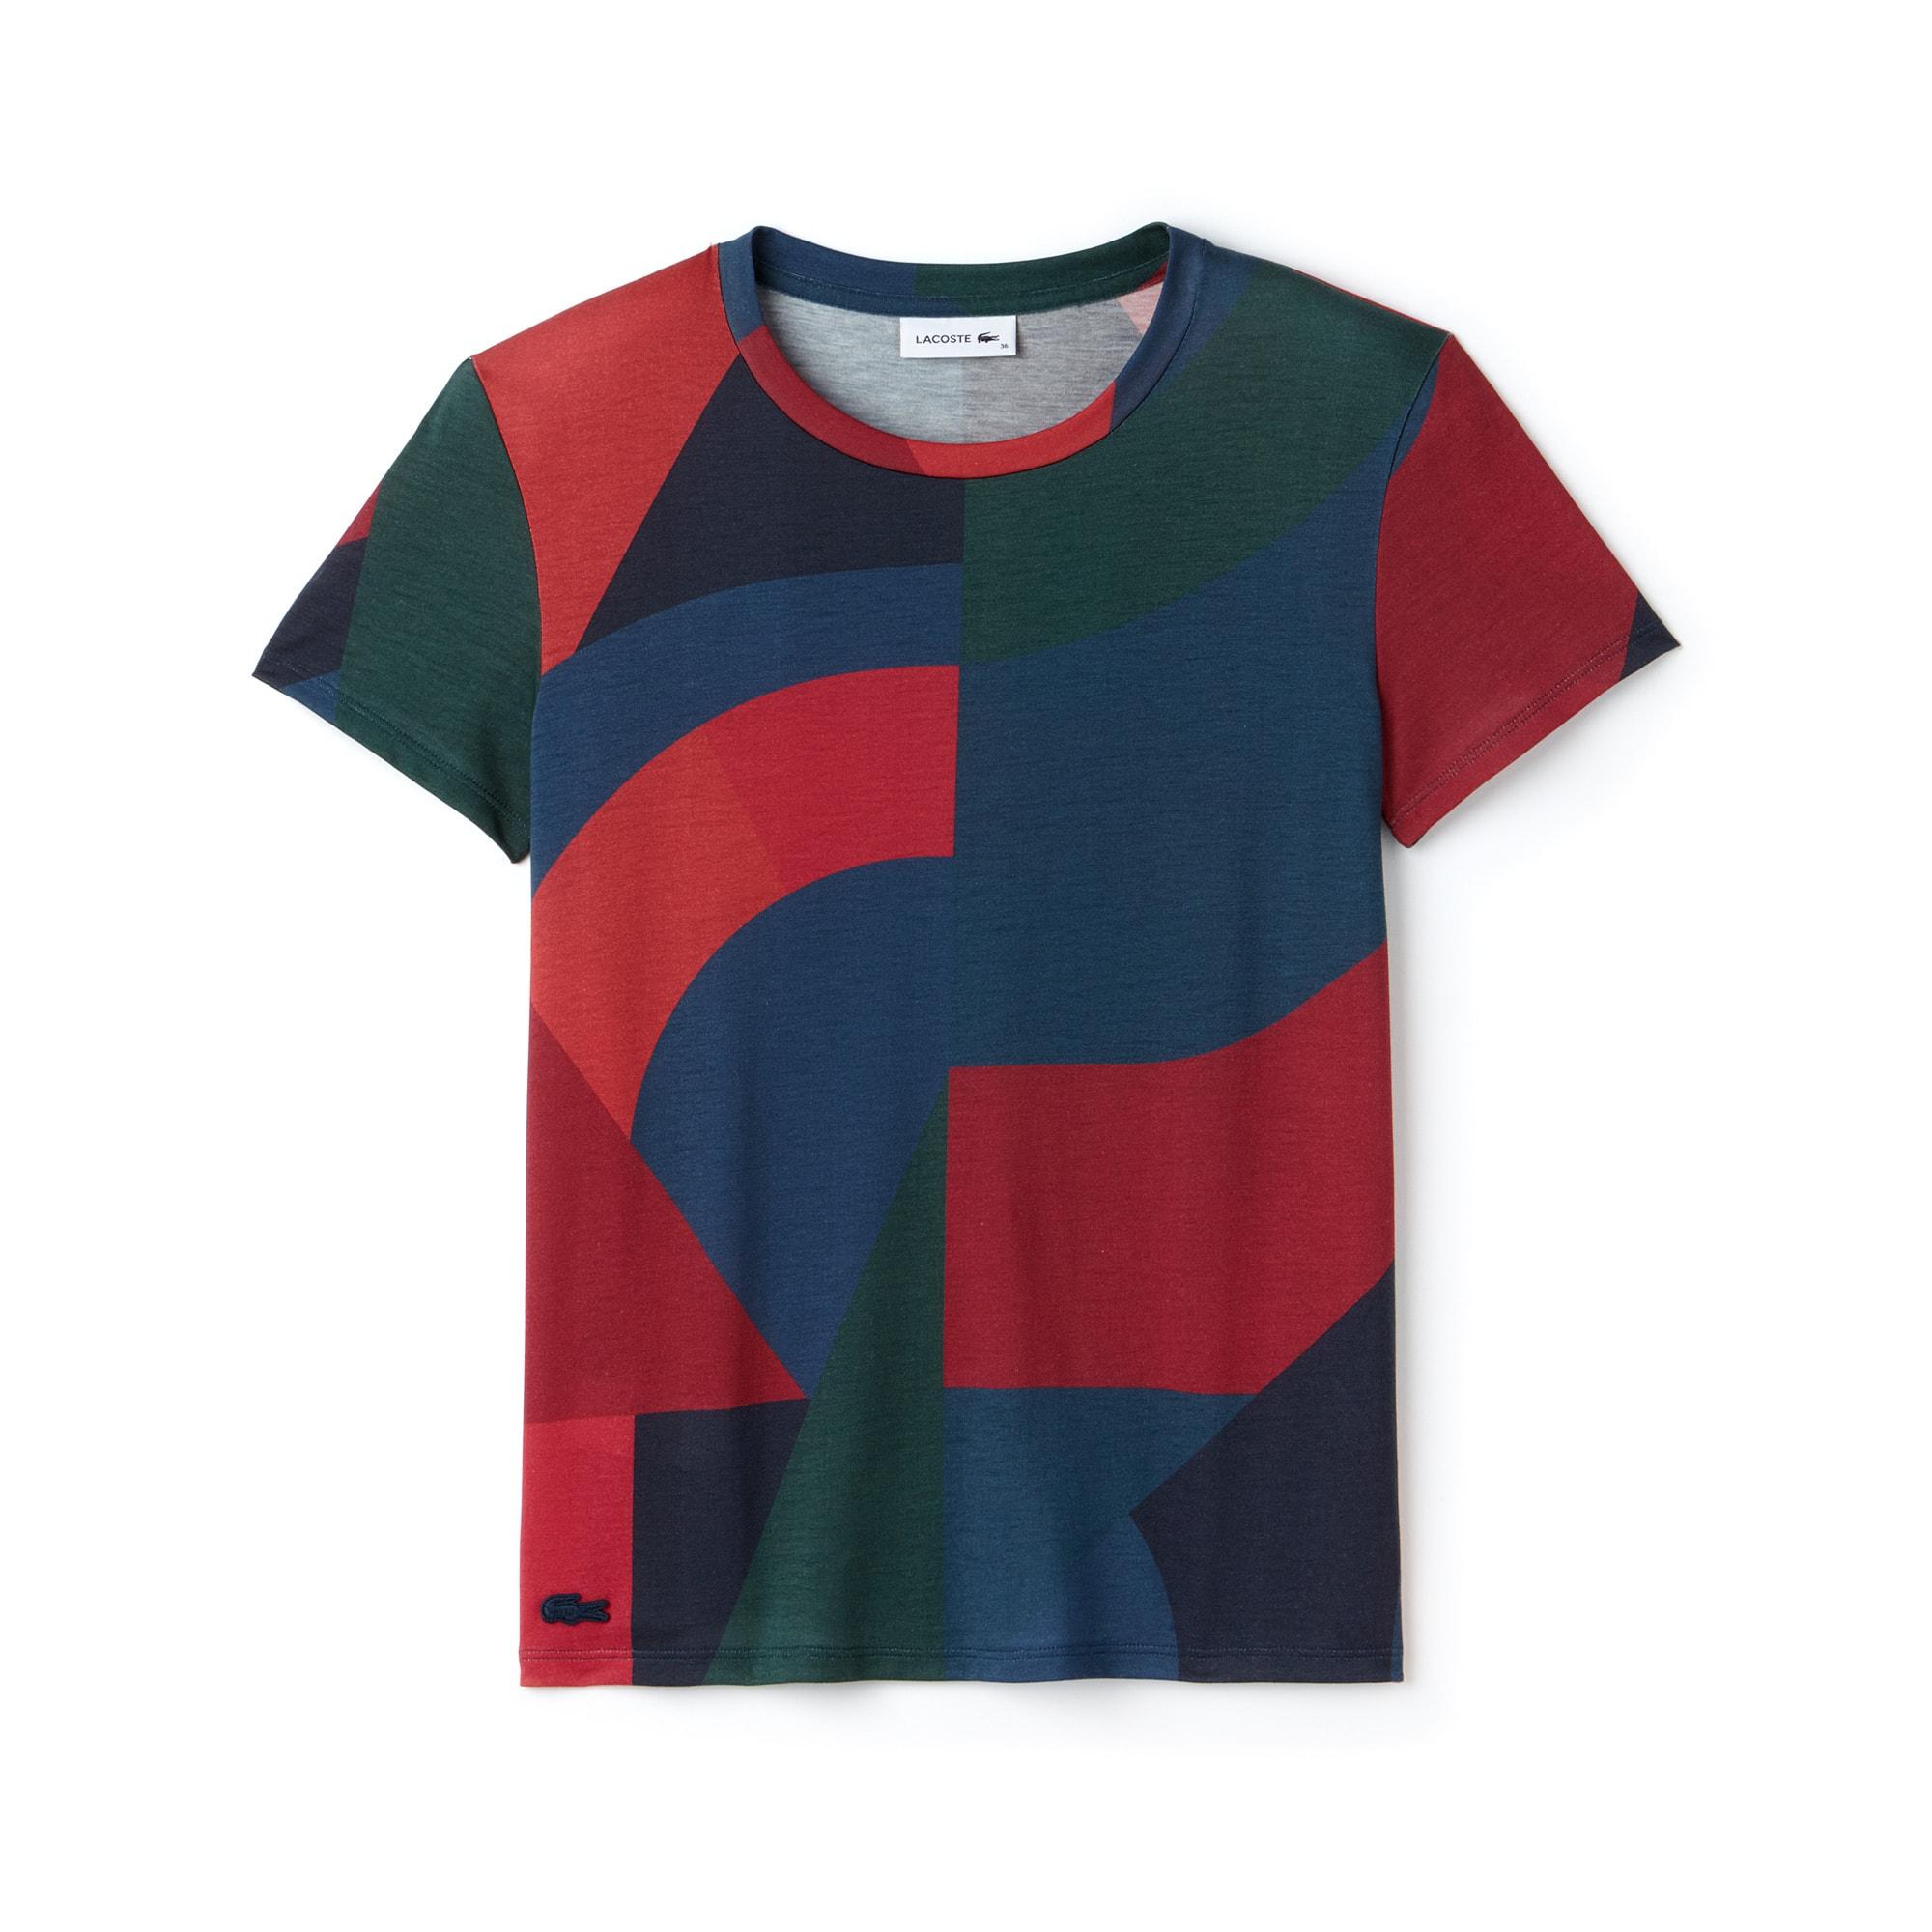 T-shirt col rond en jersey de lyocell et coton color block